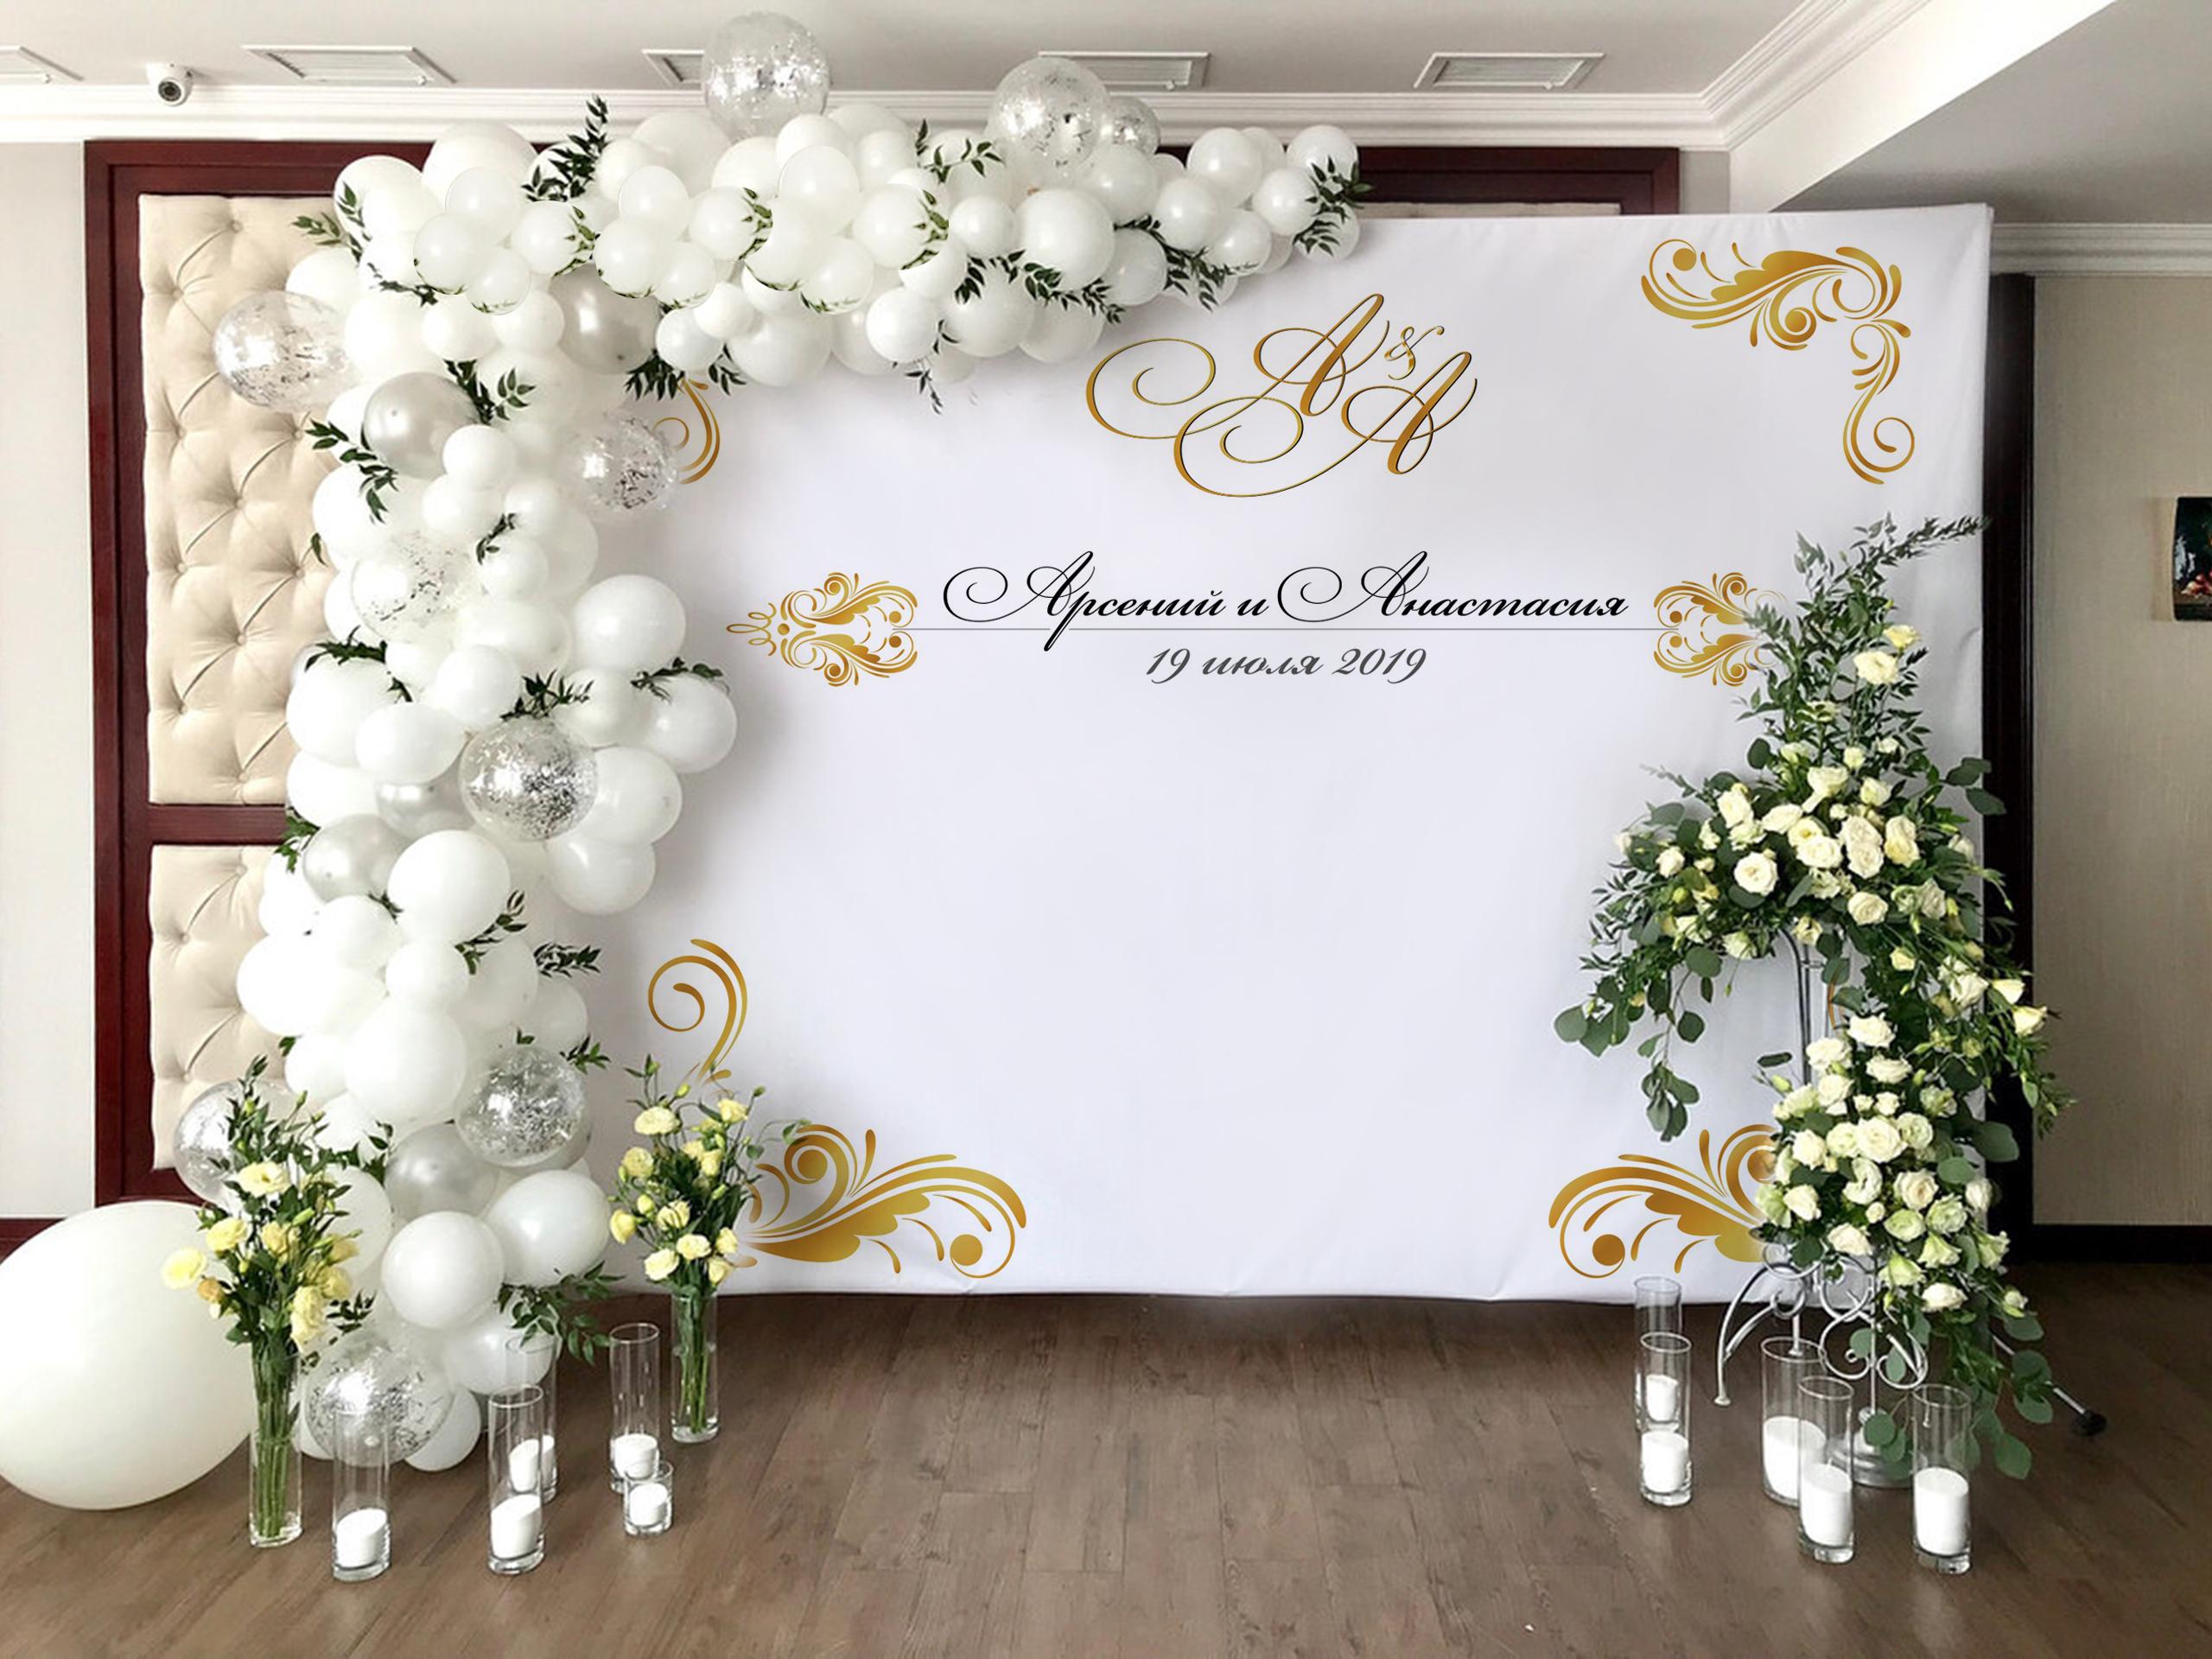 фотозона на свадьбу недорого используете всего